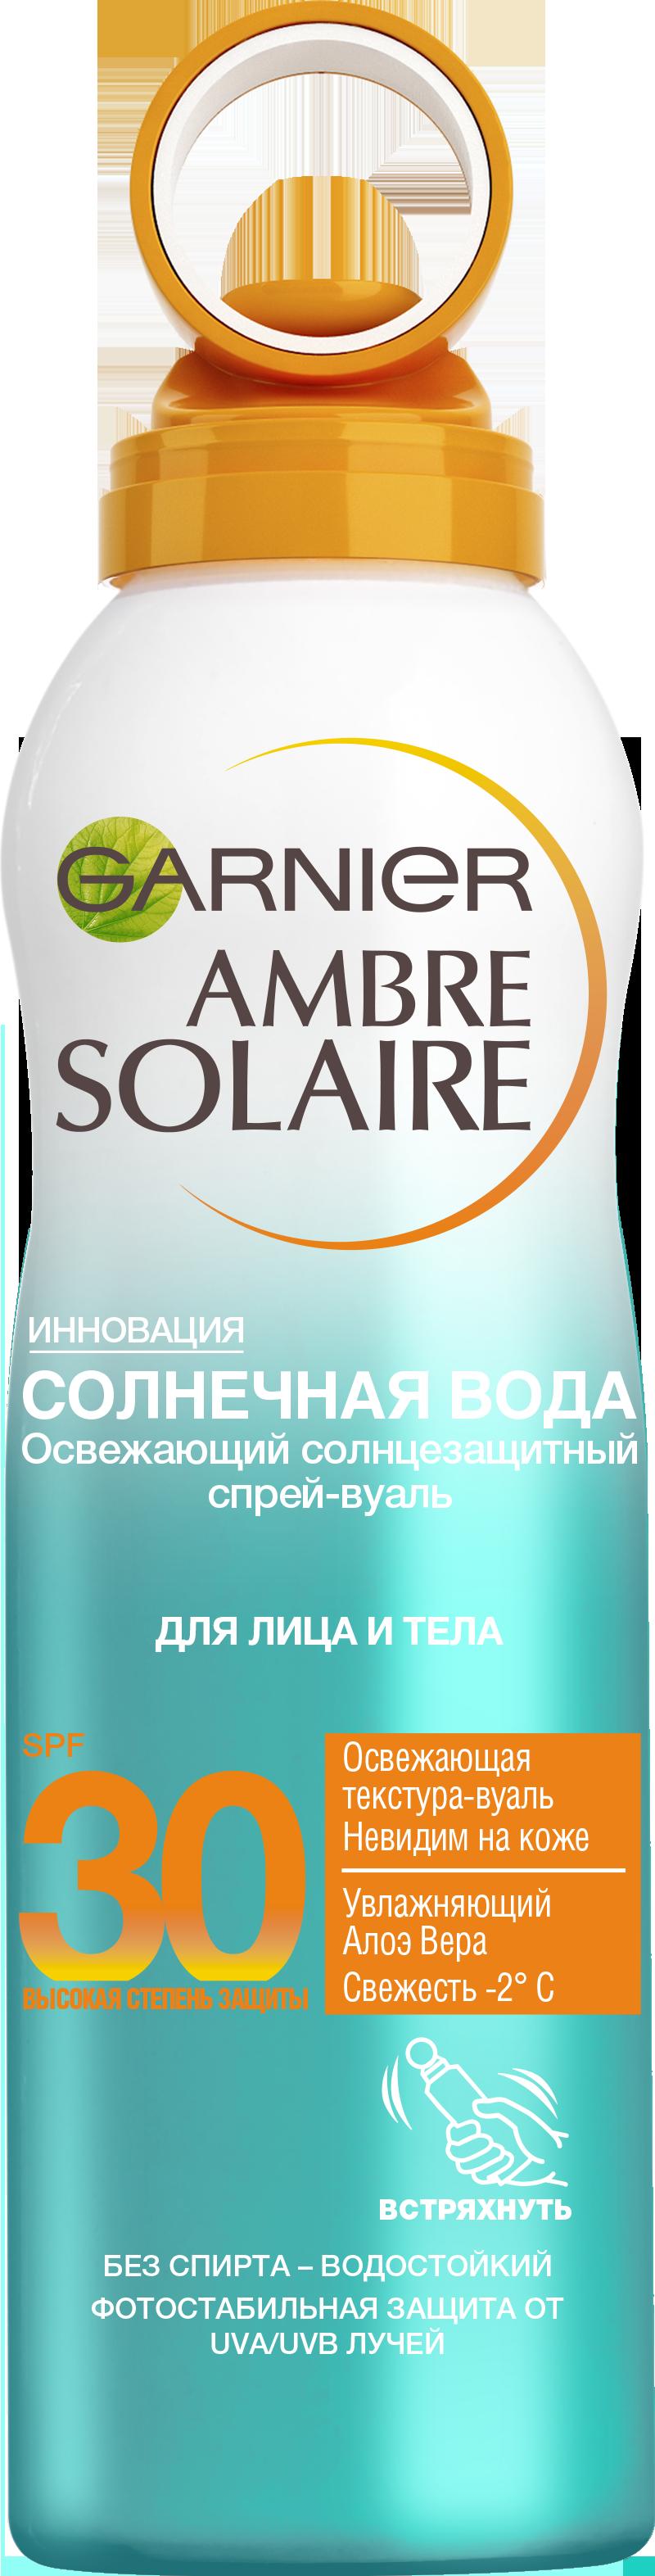 Солнцезащитный спрей вуаль для лица и тела